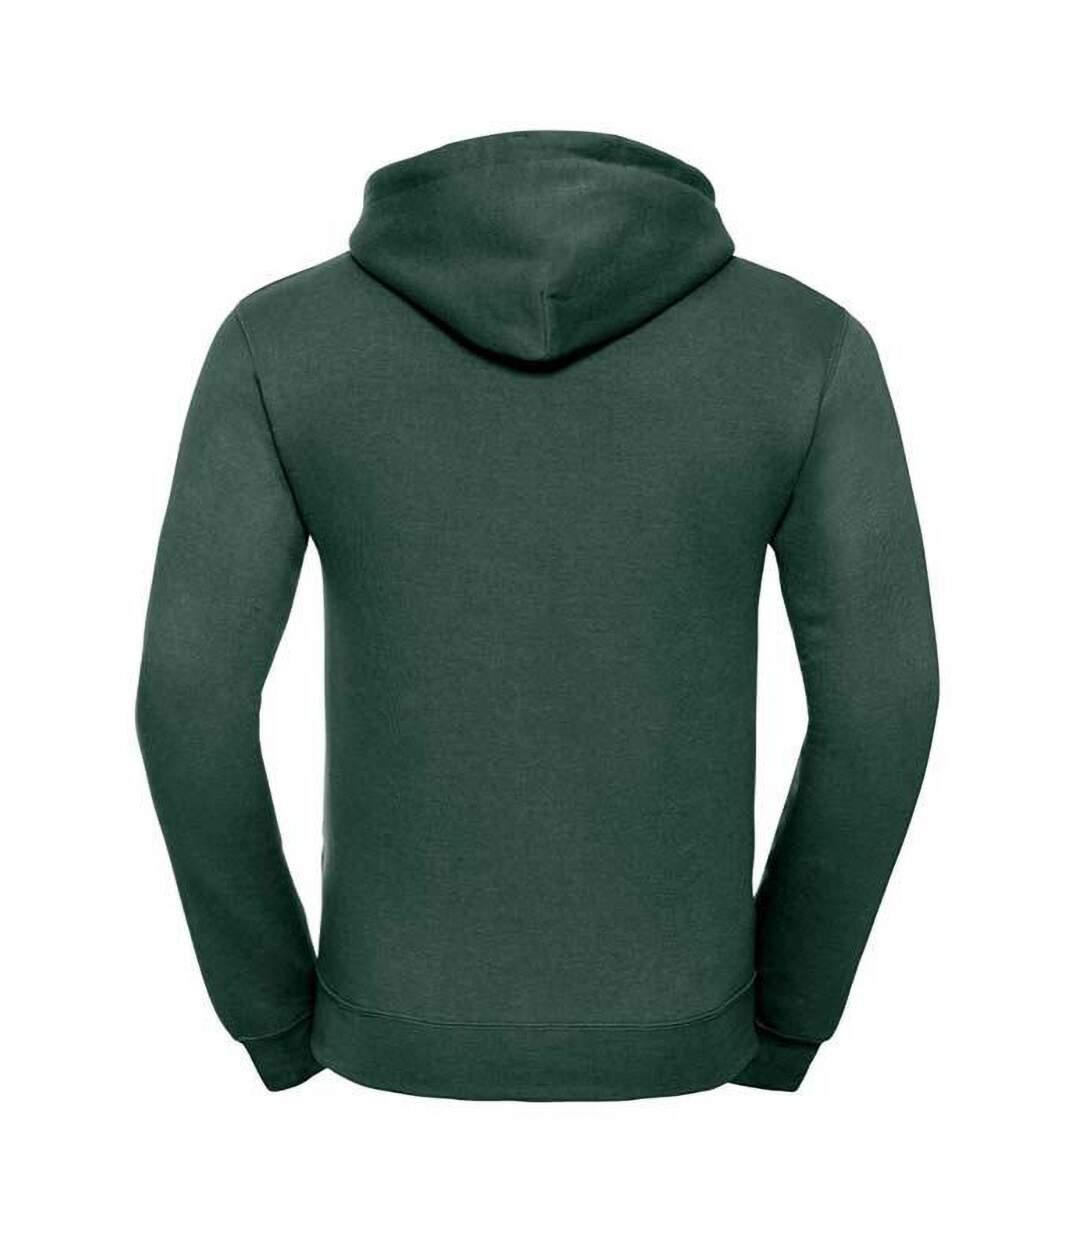 Russell Mens Authentic Hooded Sweatshirt / Hoodie (Bottle Green) - UTBC1498